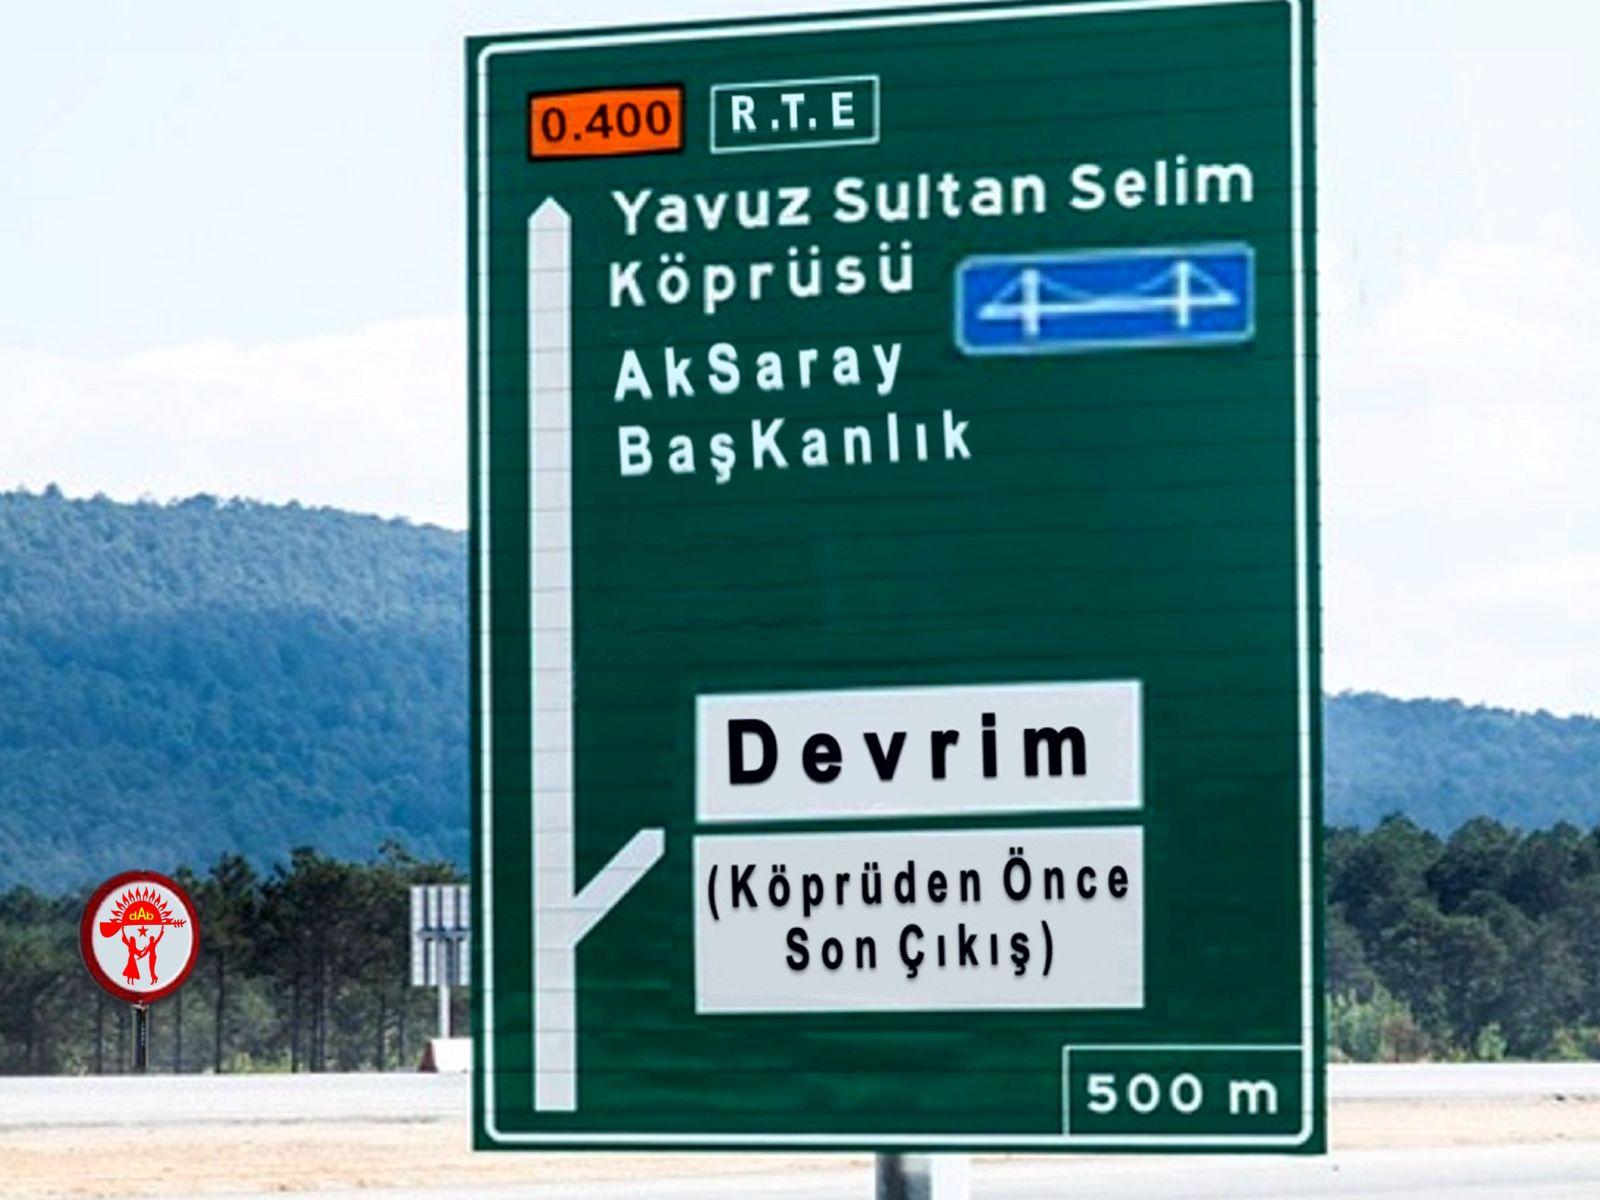 Devrimci Aleviler Birliği DAB Alevi Kızılbaş Bektaşi pir sultan cem hz Ali 12 imam semah Feramuz Şah Acar RTE kopru son cikis aksaray baskanlik